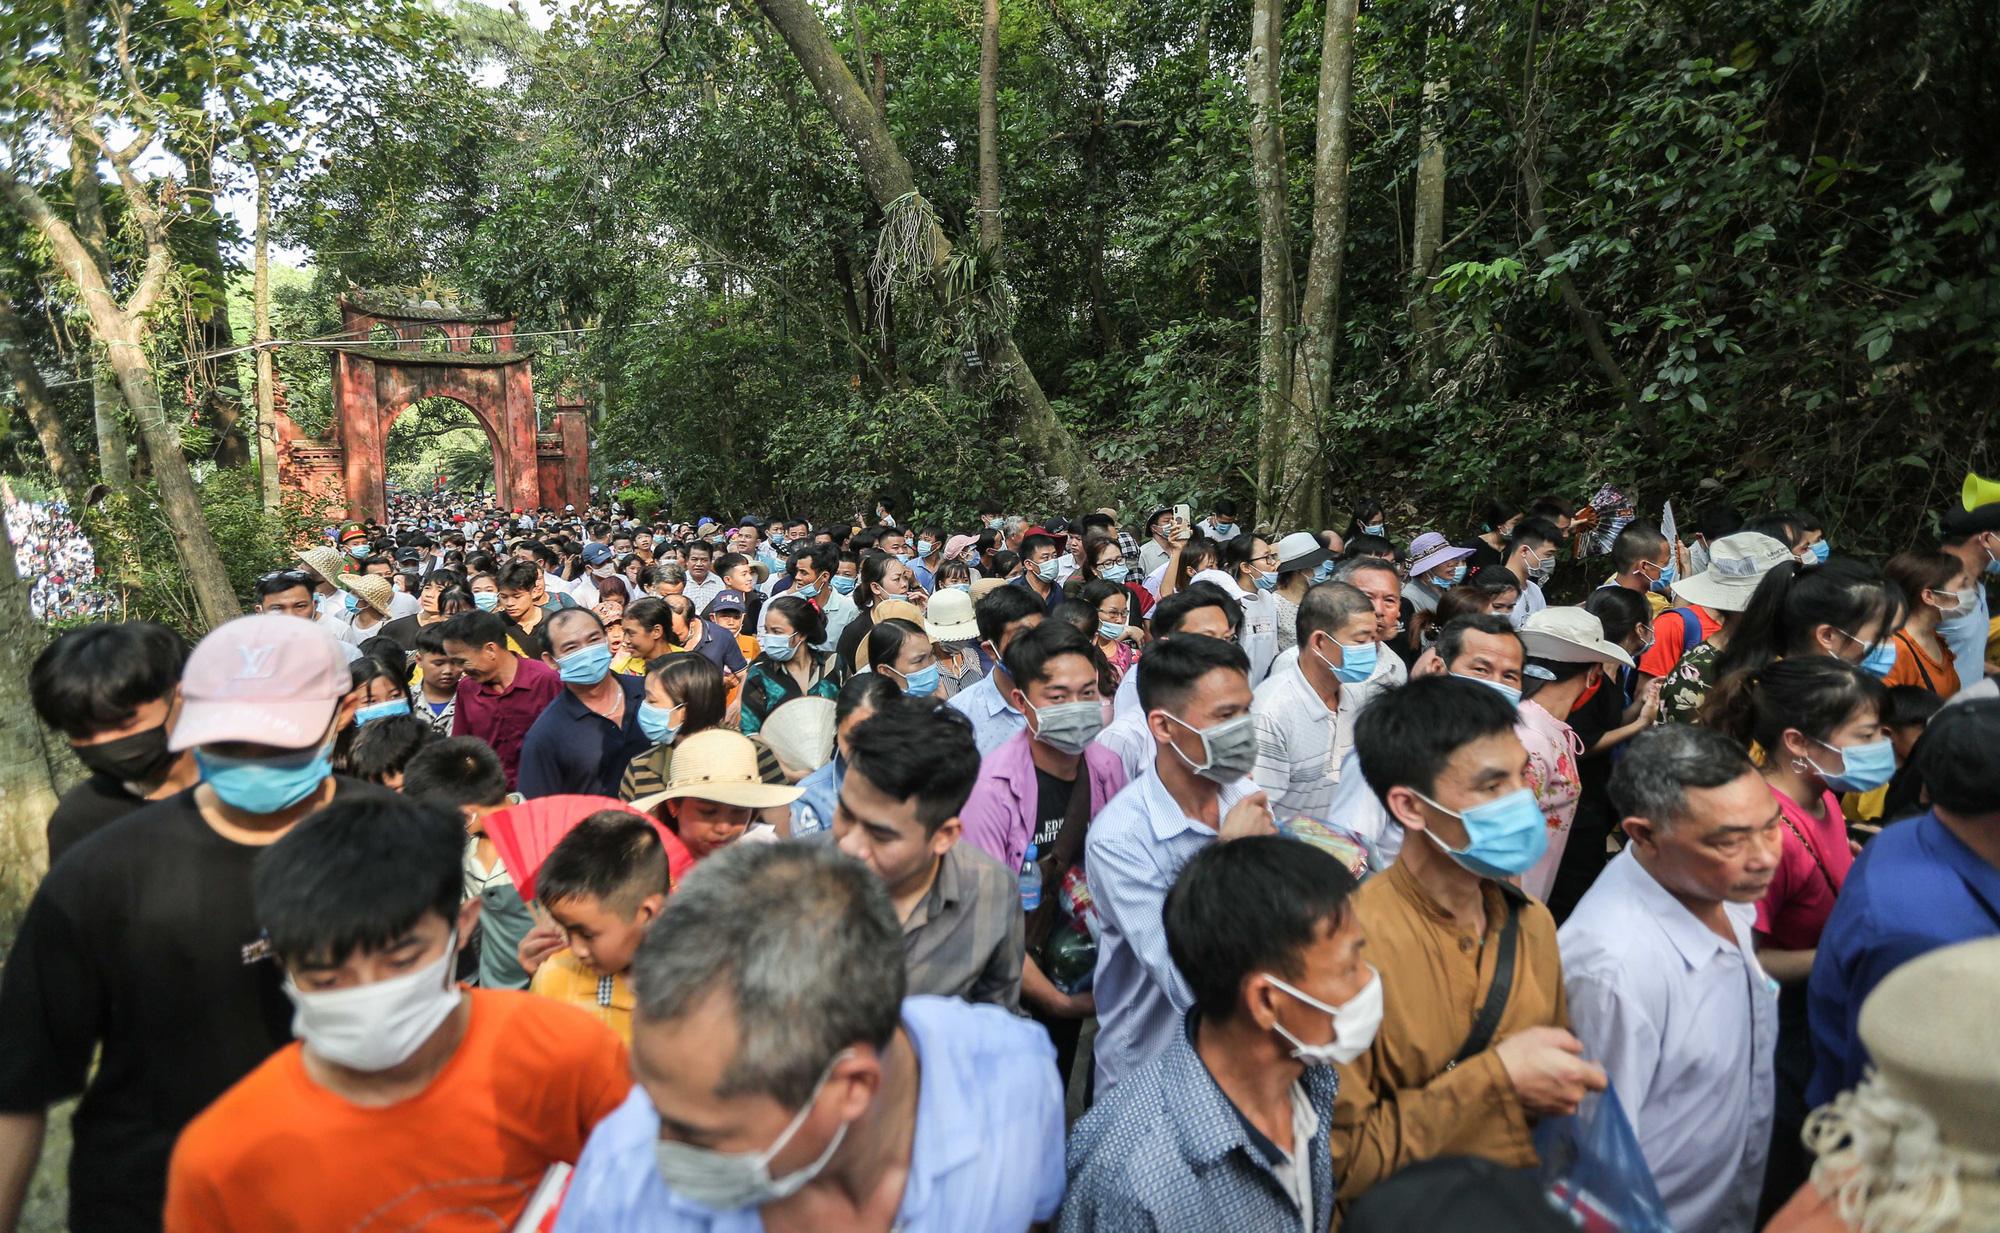 Video: Hàng vạn người chen chúc dâng lễ tại đền Hùng ngày chính hội  - Ảnh 3.